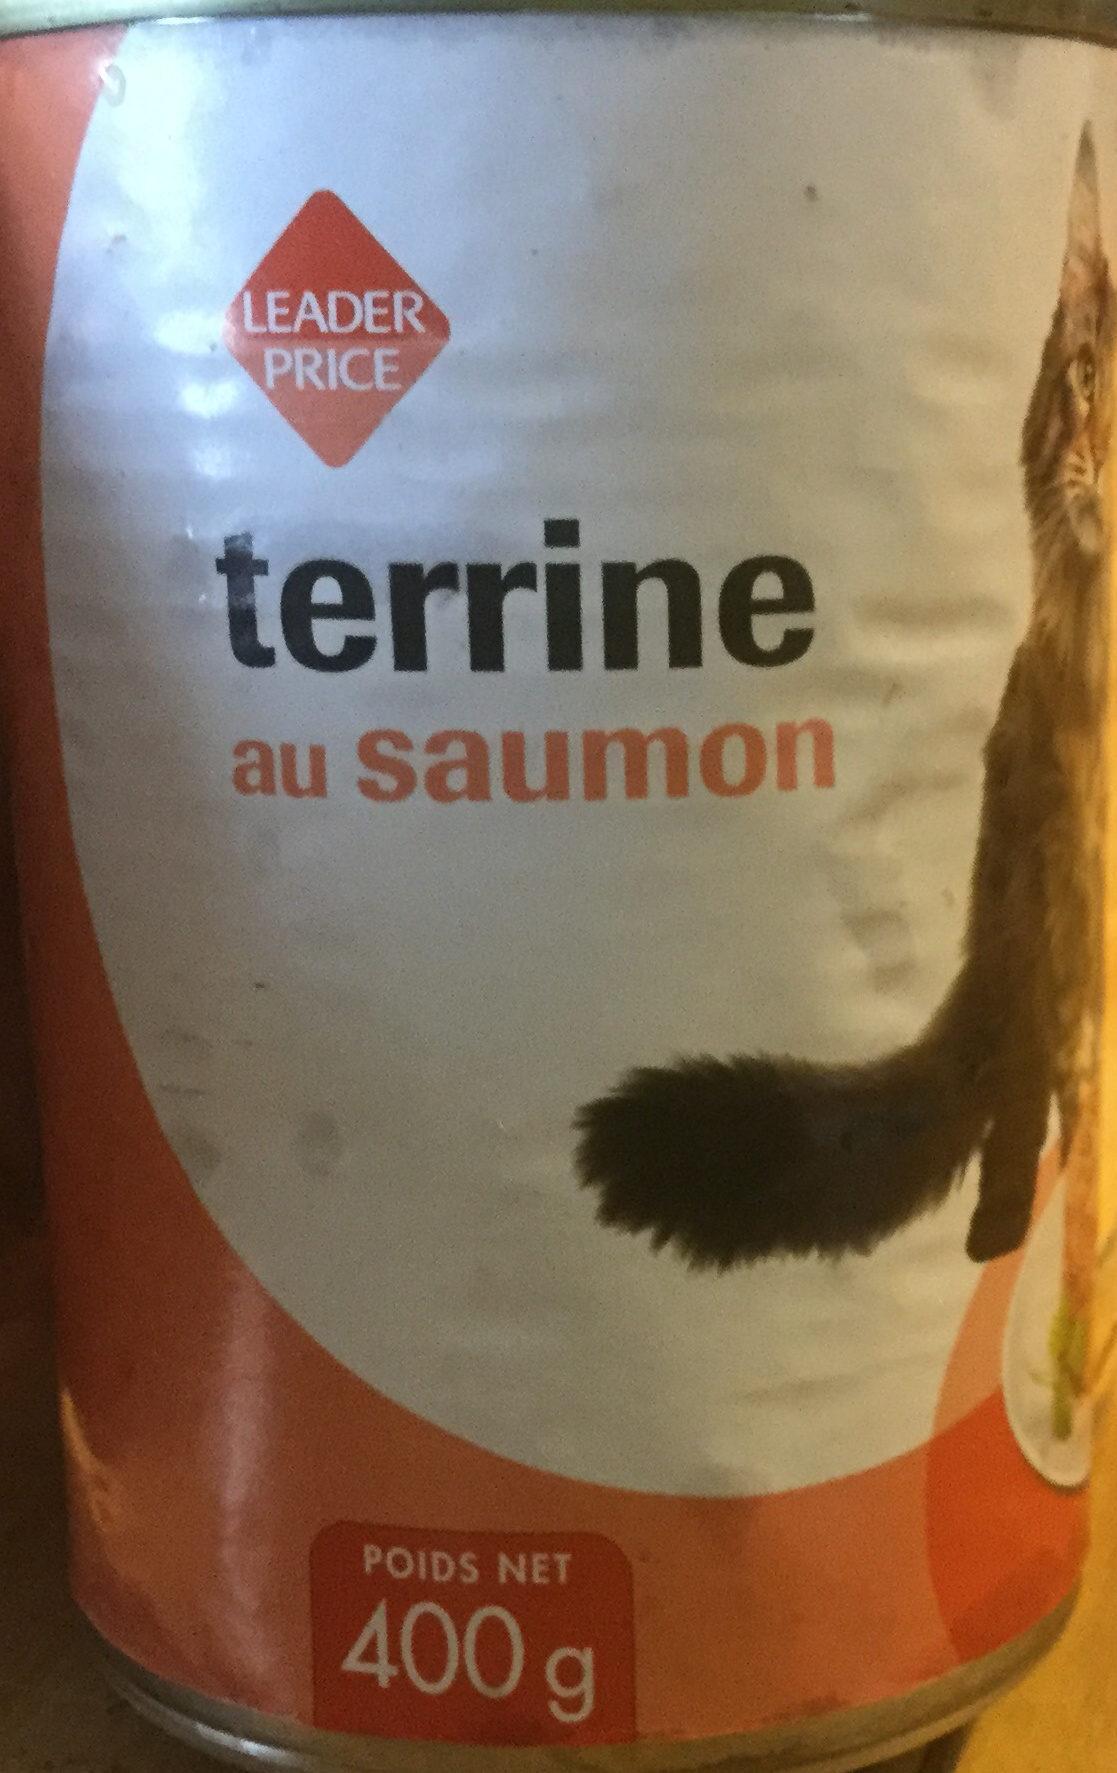 Terrine au saumon - Product